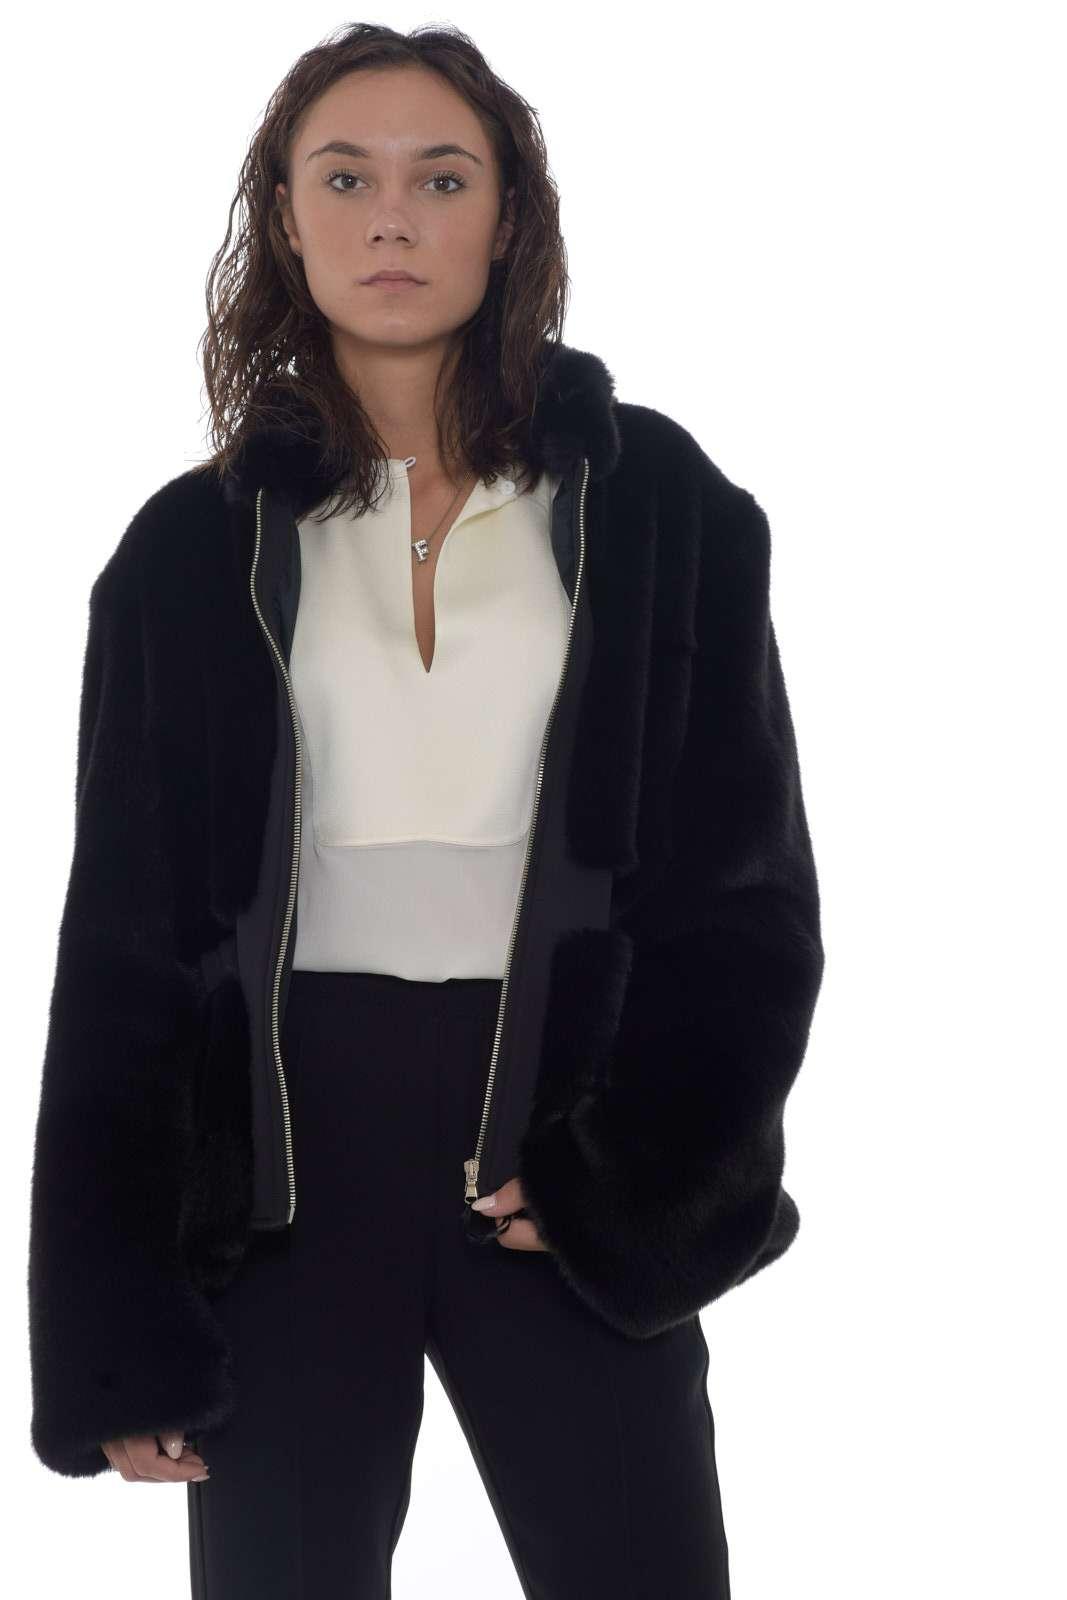 Una giacca in pelliccia ecologica ideale da indossare con ogni look, dal più elegante a quello casual, ti donerà un tocco sofisticato e di classe. Must have e trend di stagione irrinunciabile per creare outfit al passo con le mode.